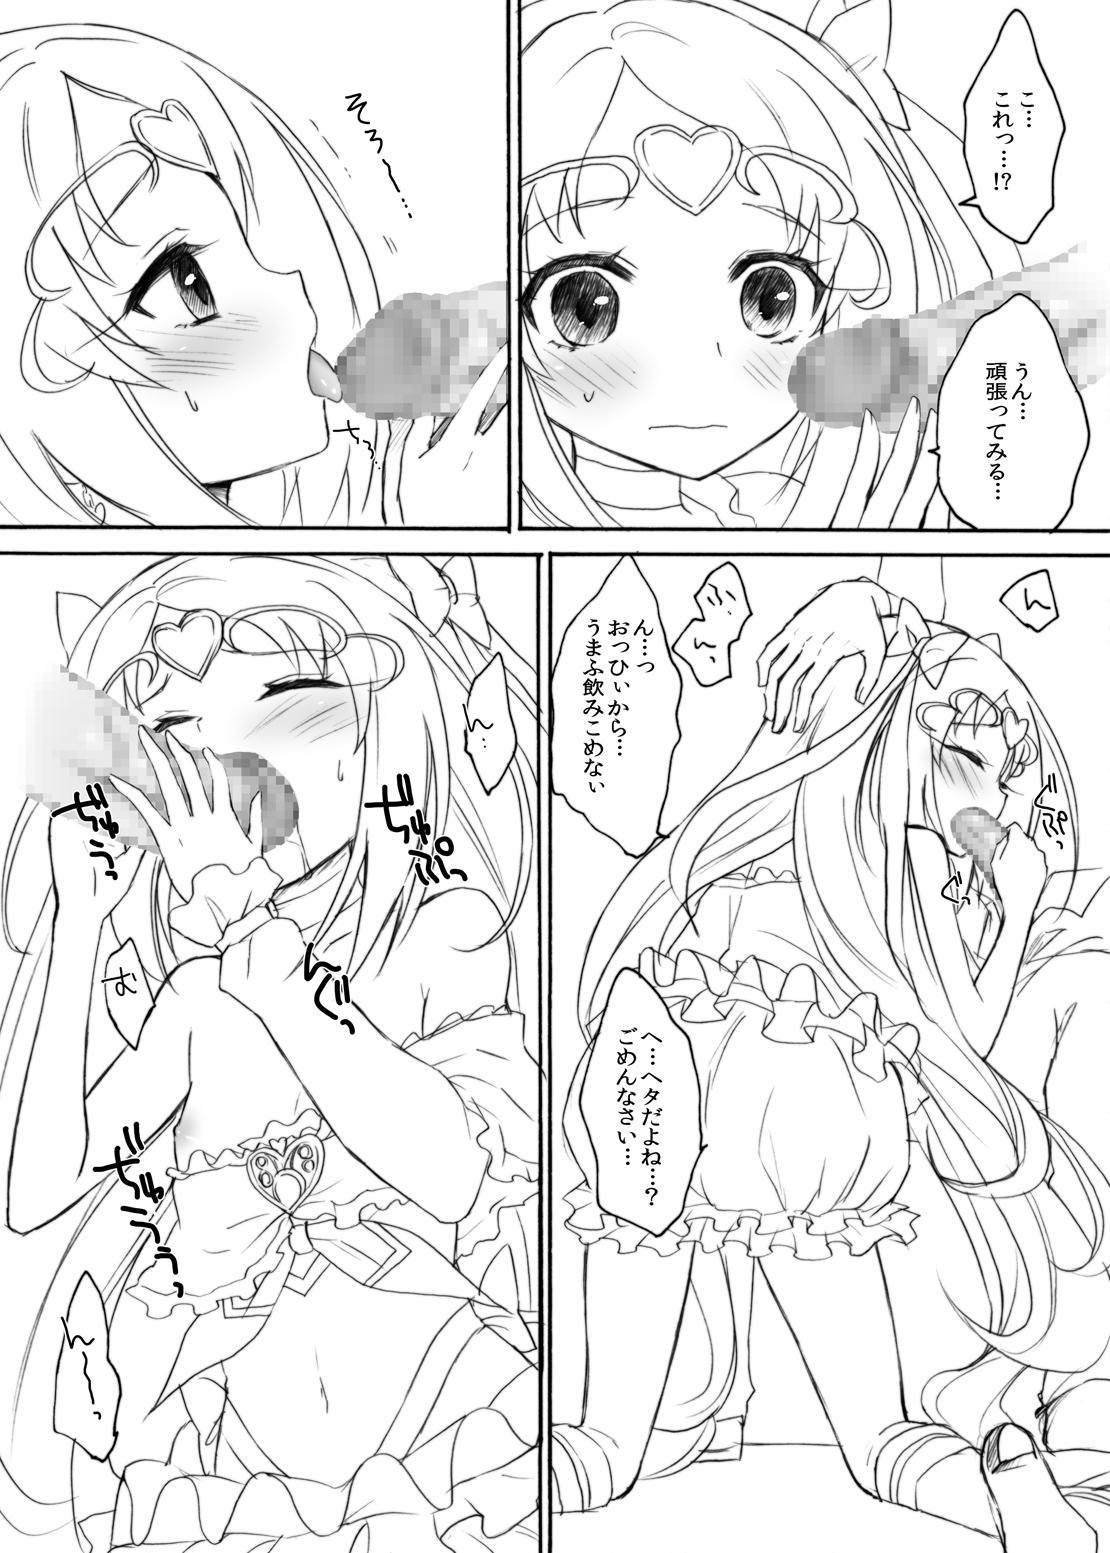 Siren Mitsuketa 29